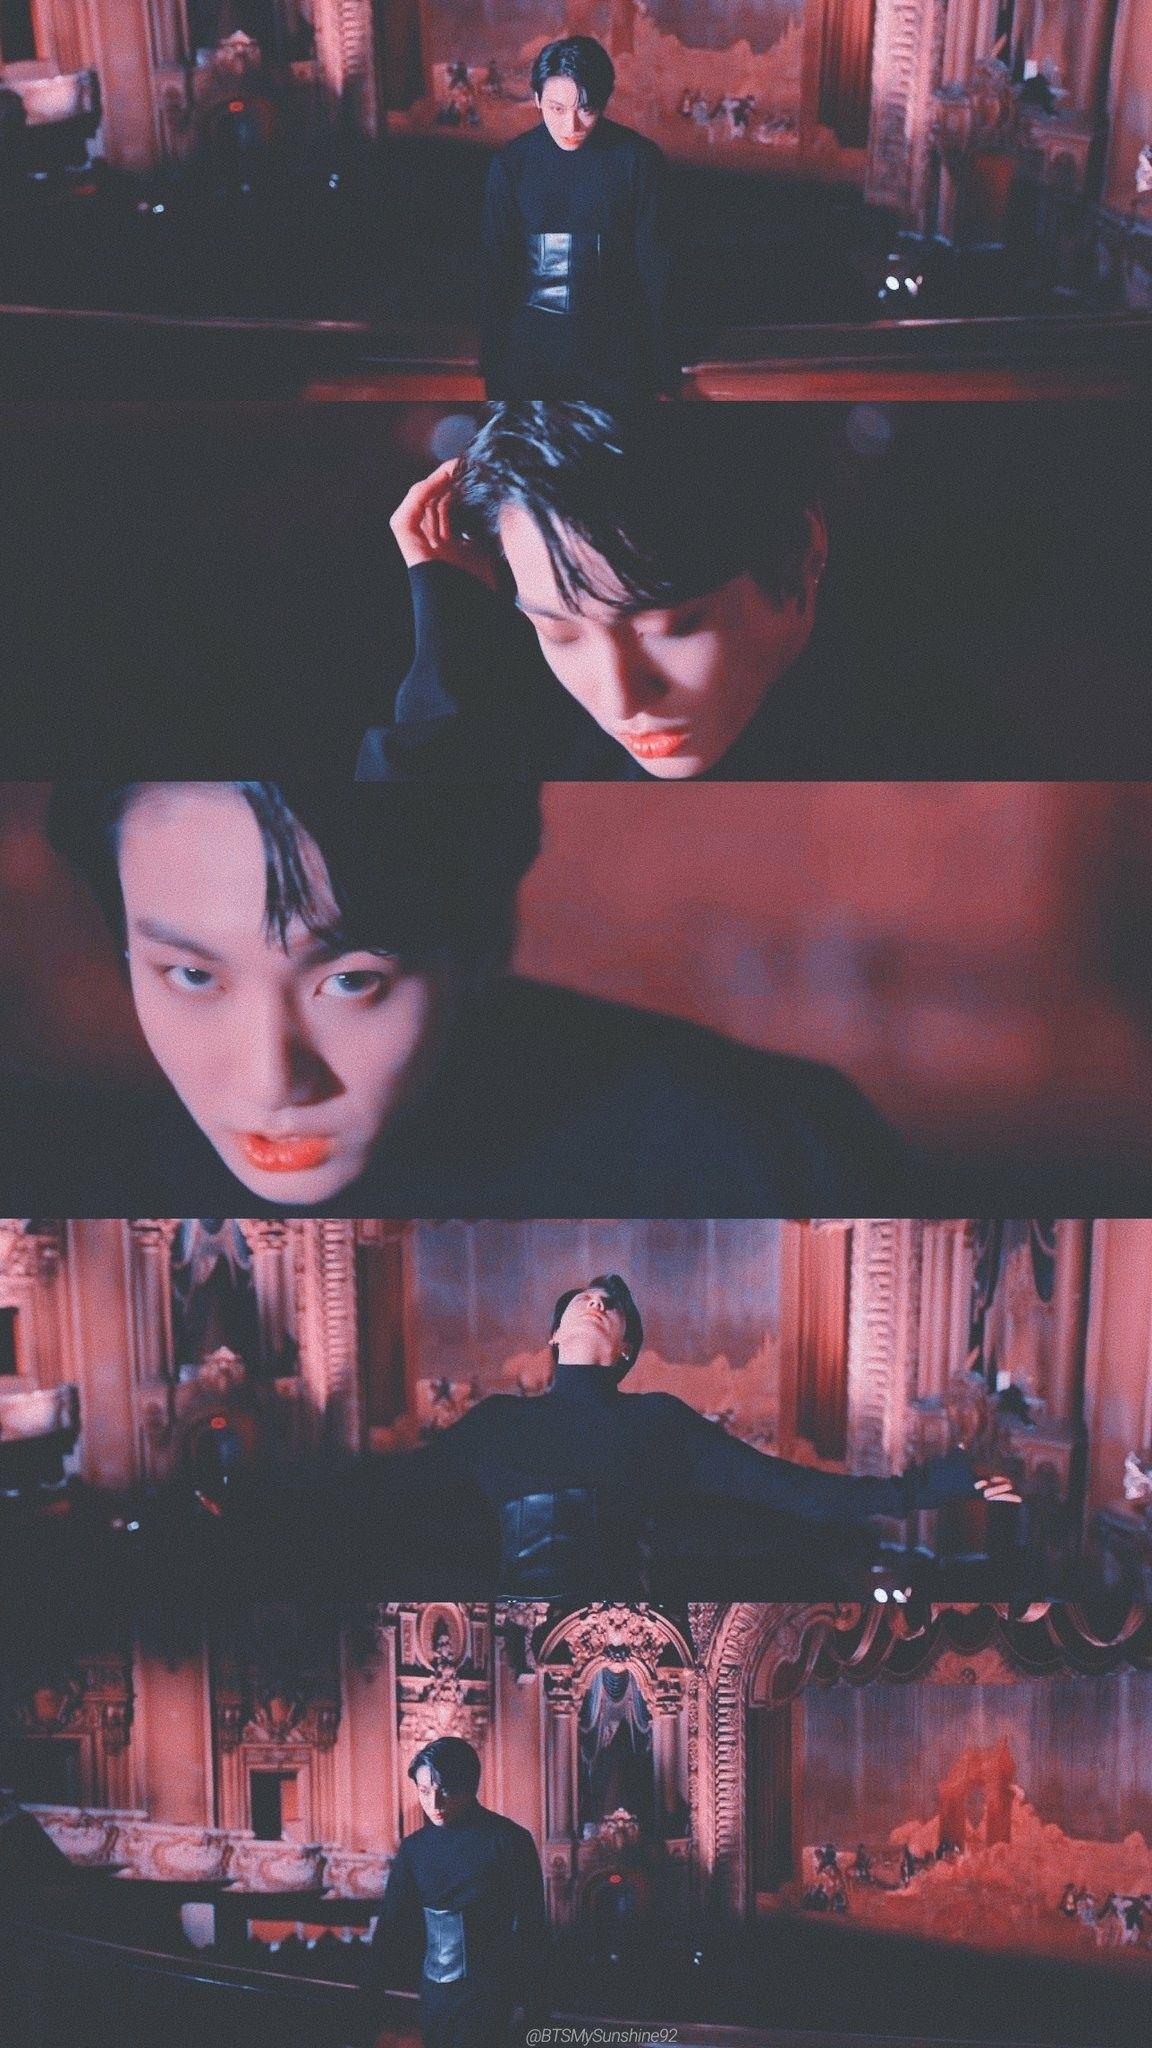 Bts Black Swan Mv Lockscreen Wallpapers Bts Wallpaper Bts Jungkook Jungkook